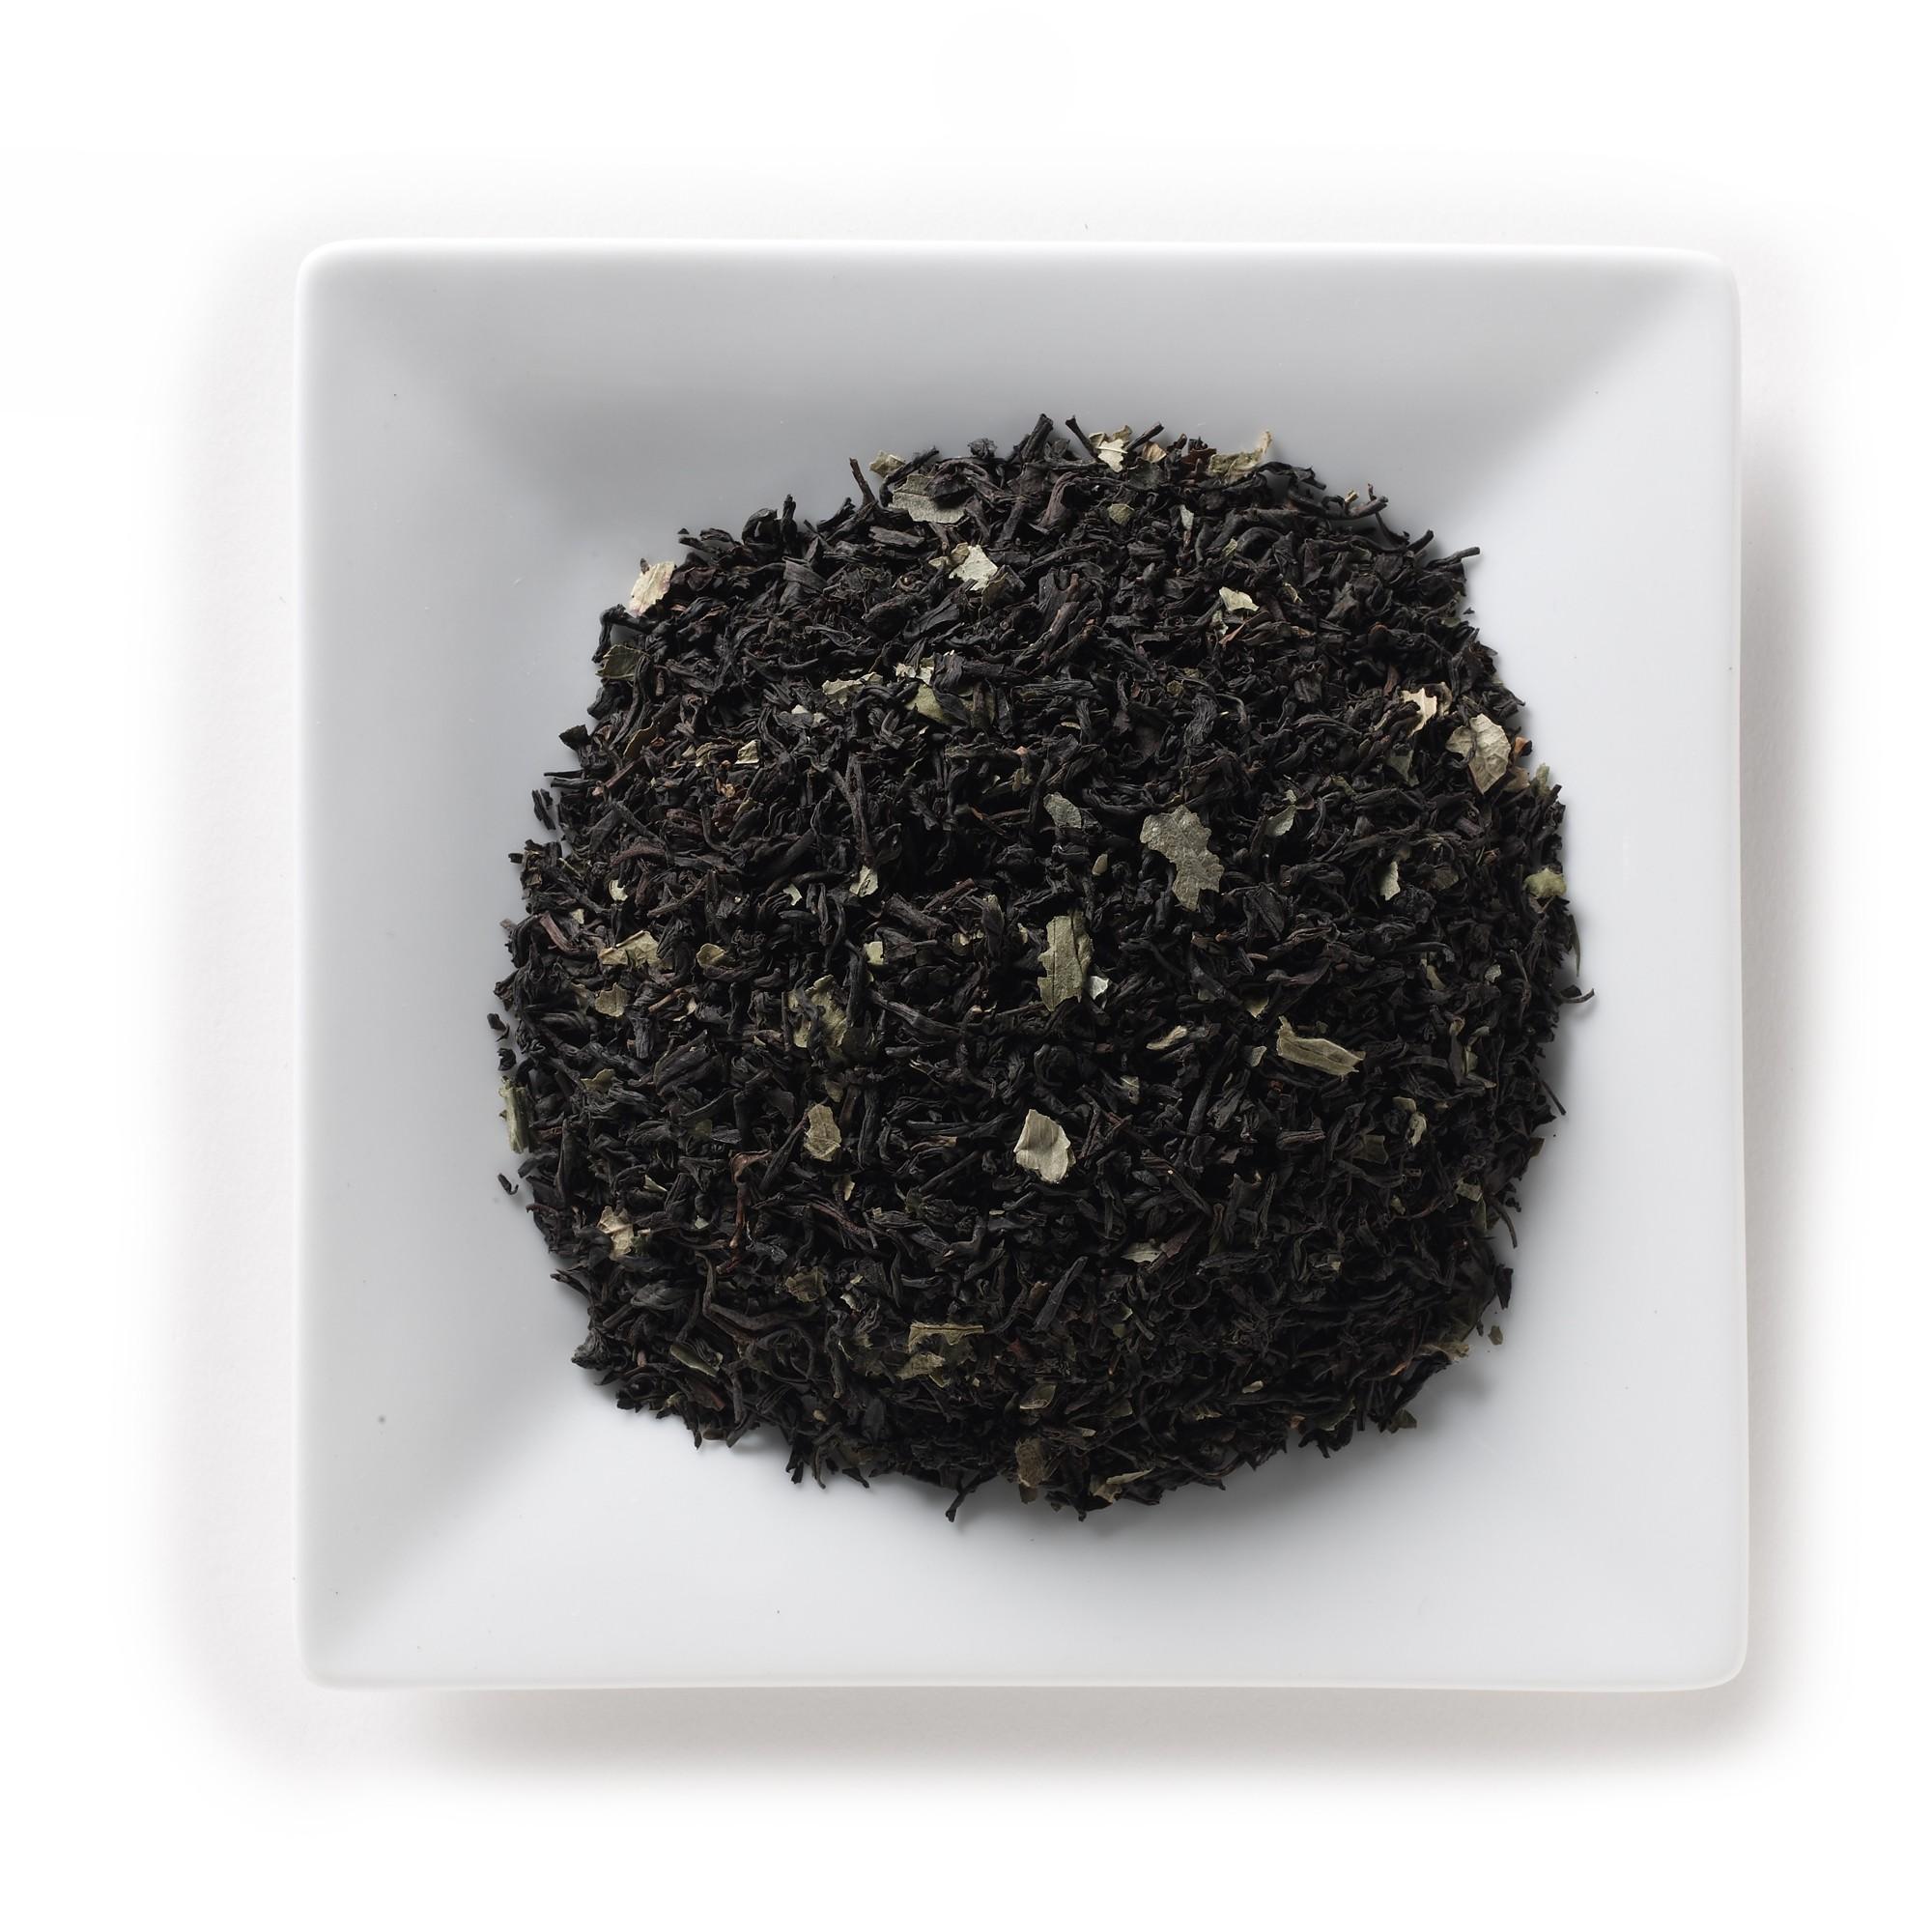 Black Currant Special